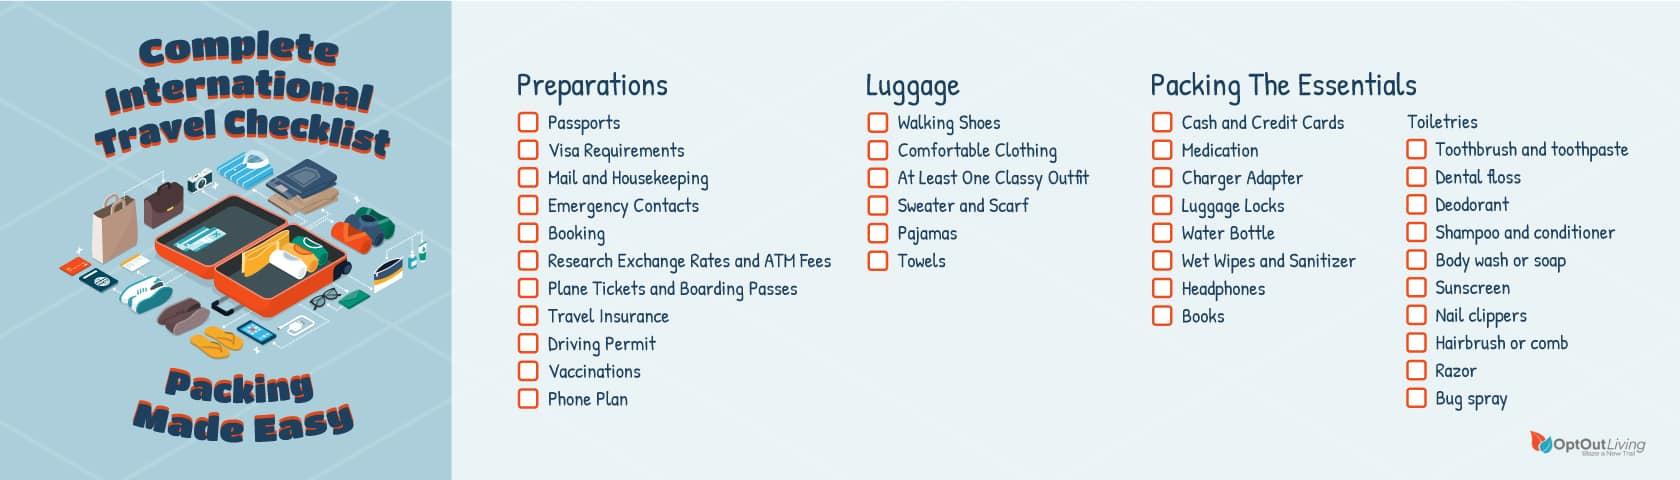 International travel checklist graphic